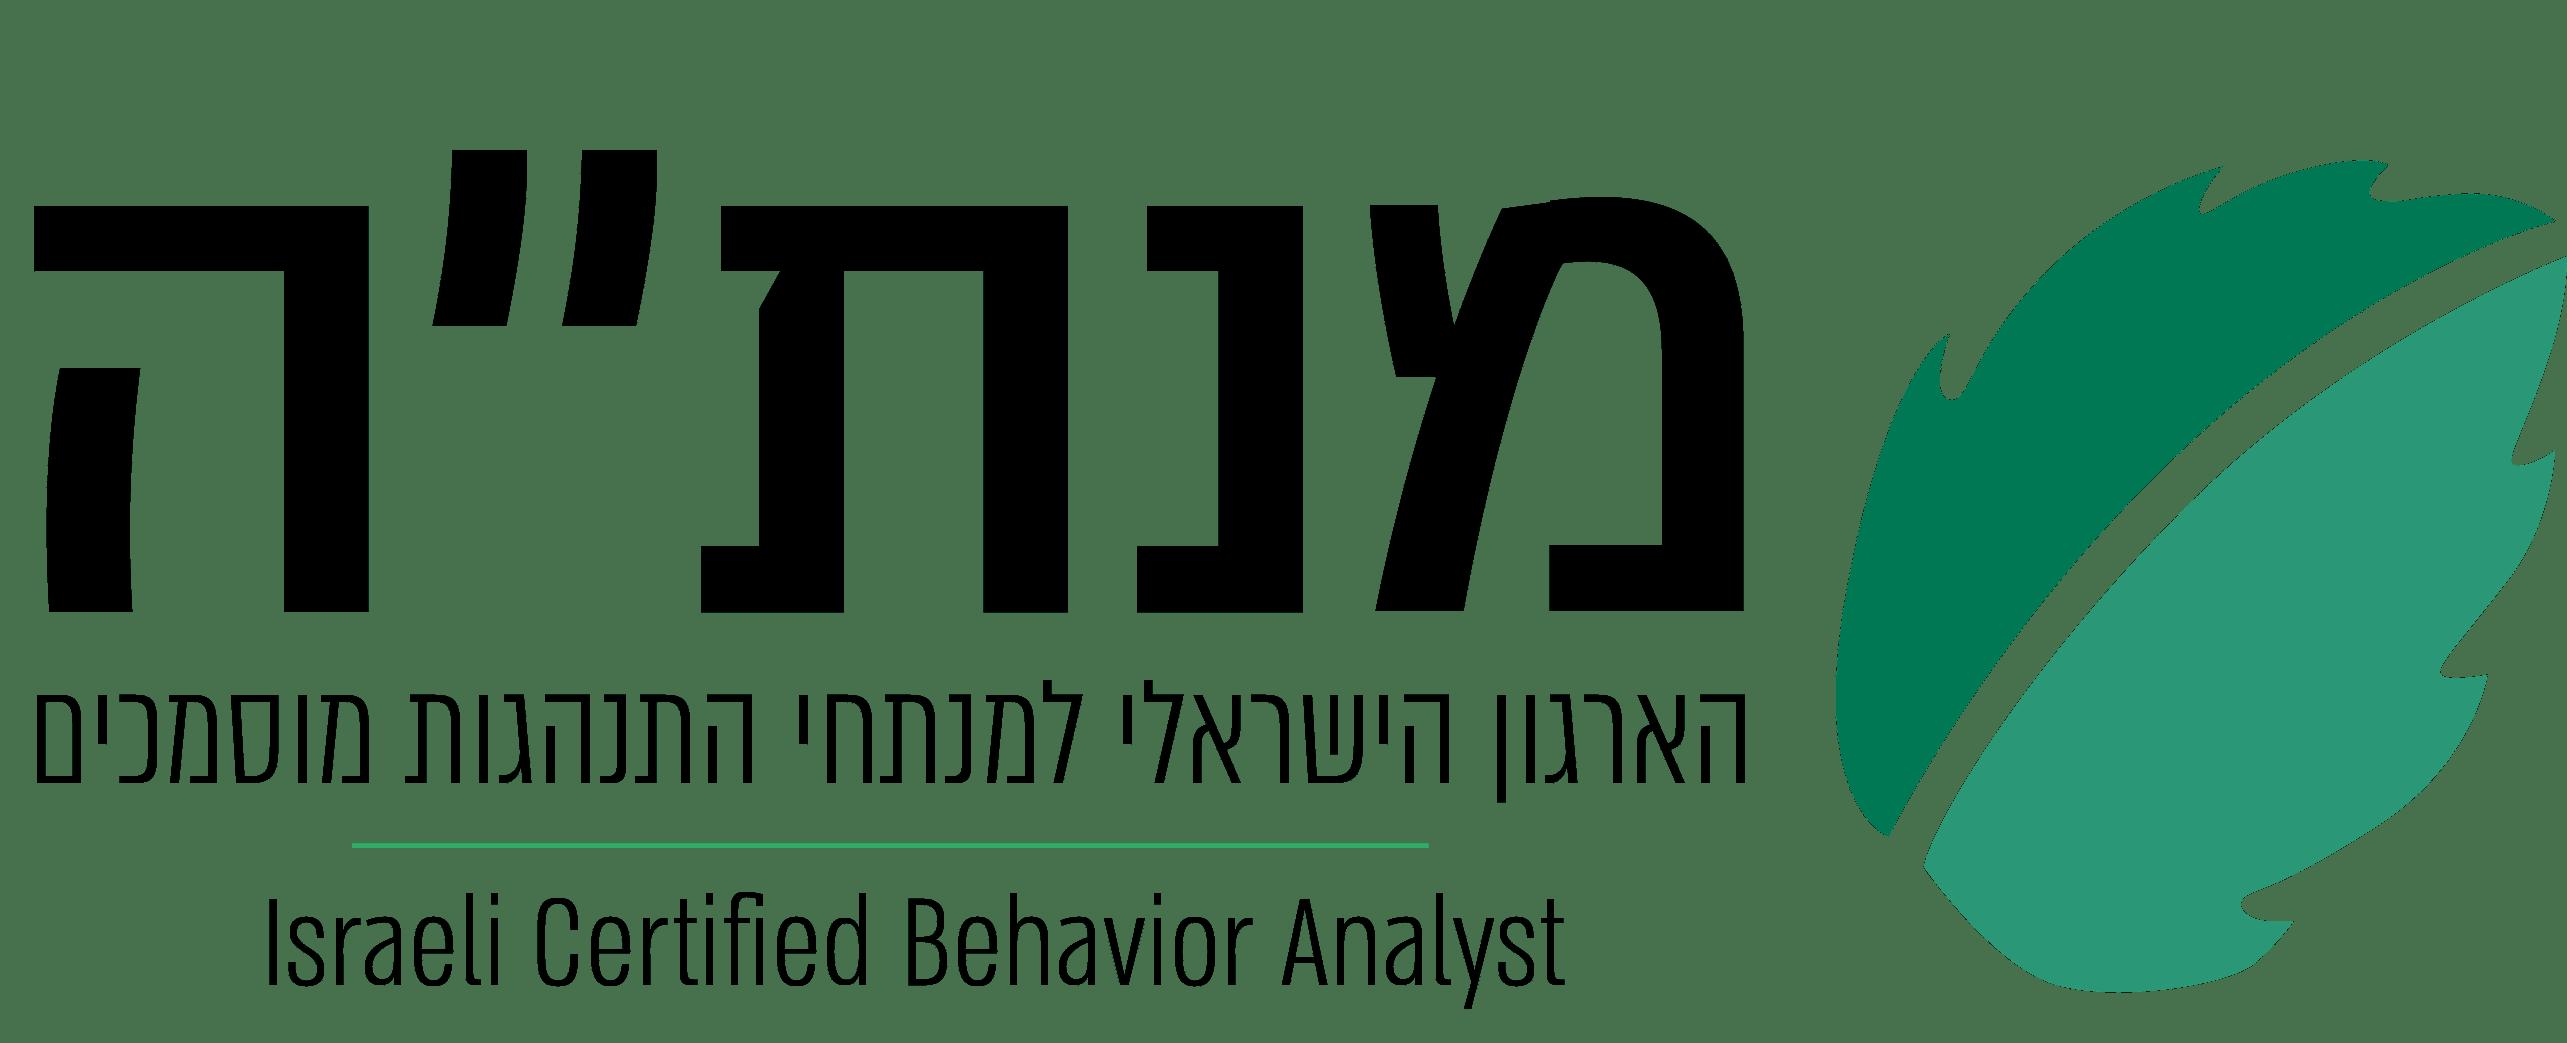 ארגון מנתחי ההתנהגות המוסמכים